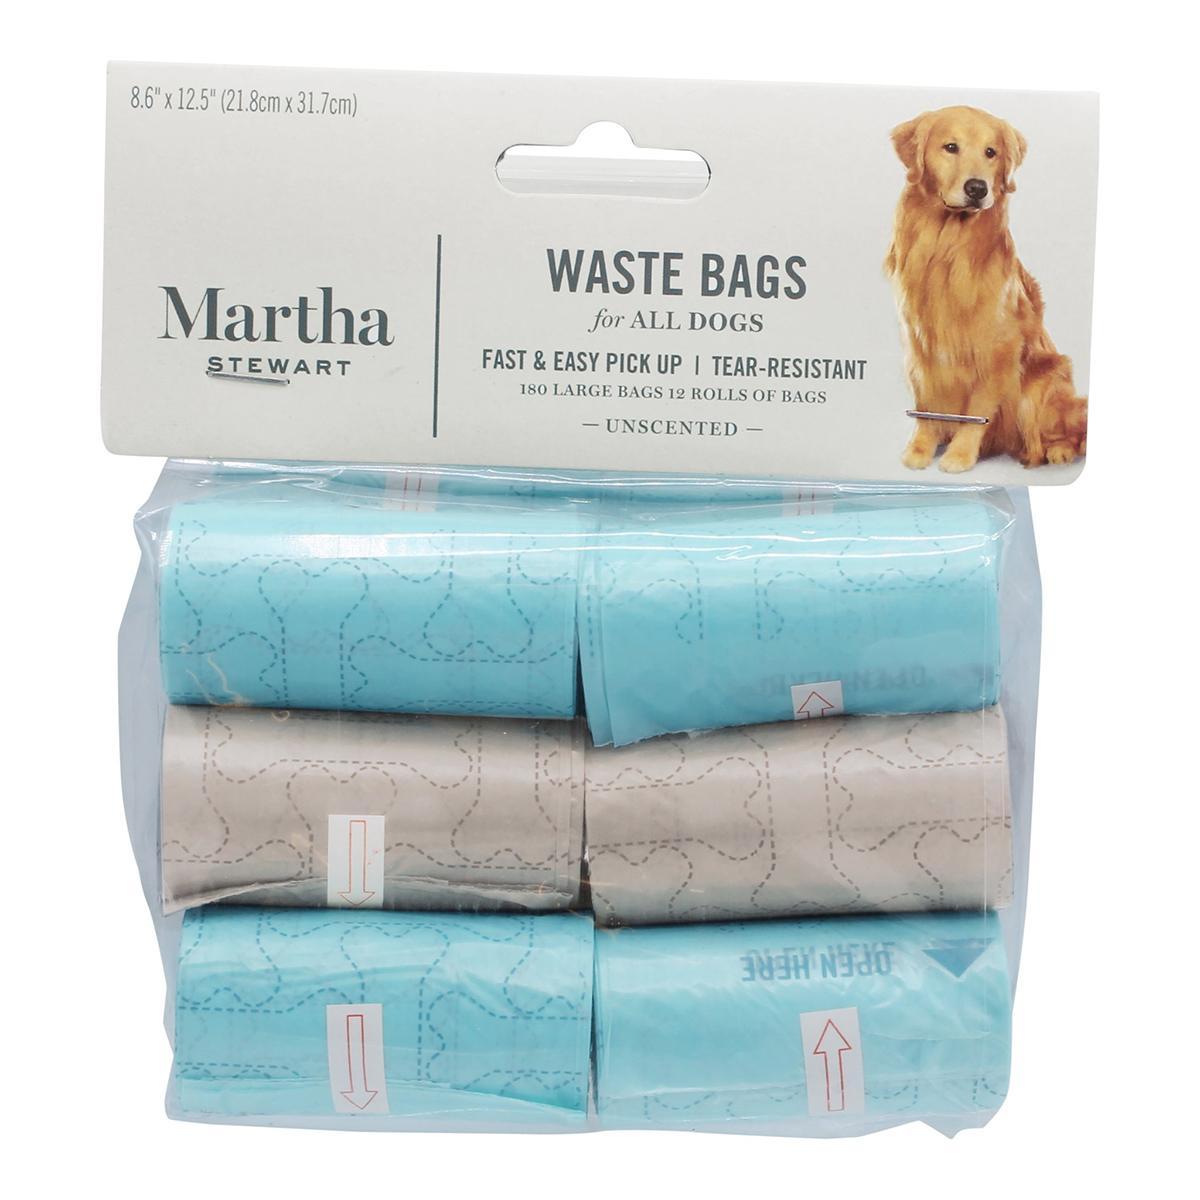 Martha Stewart Pets Dog Waste Bag Refill Rolls - 180 Bags